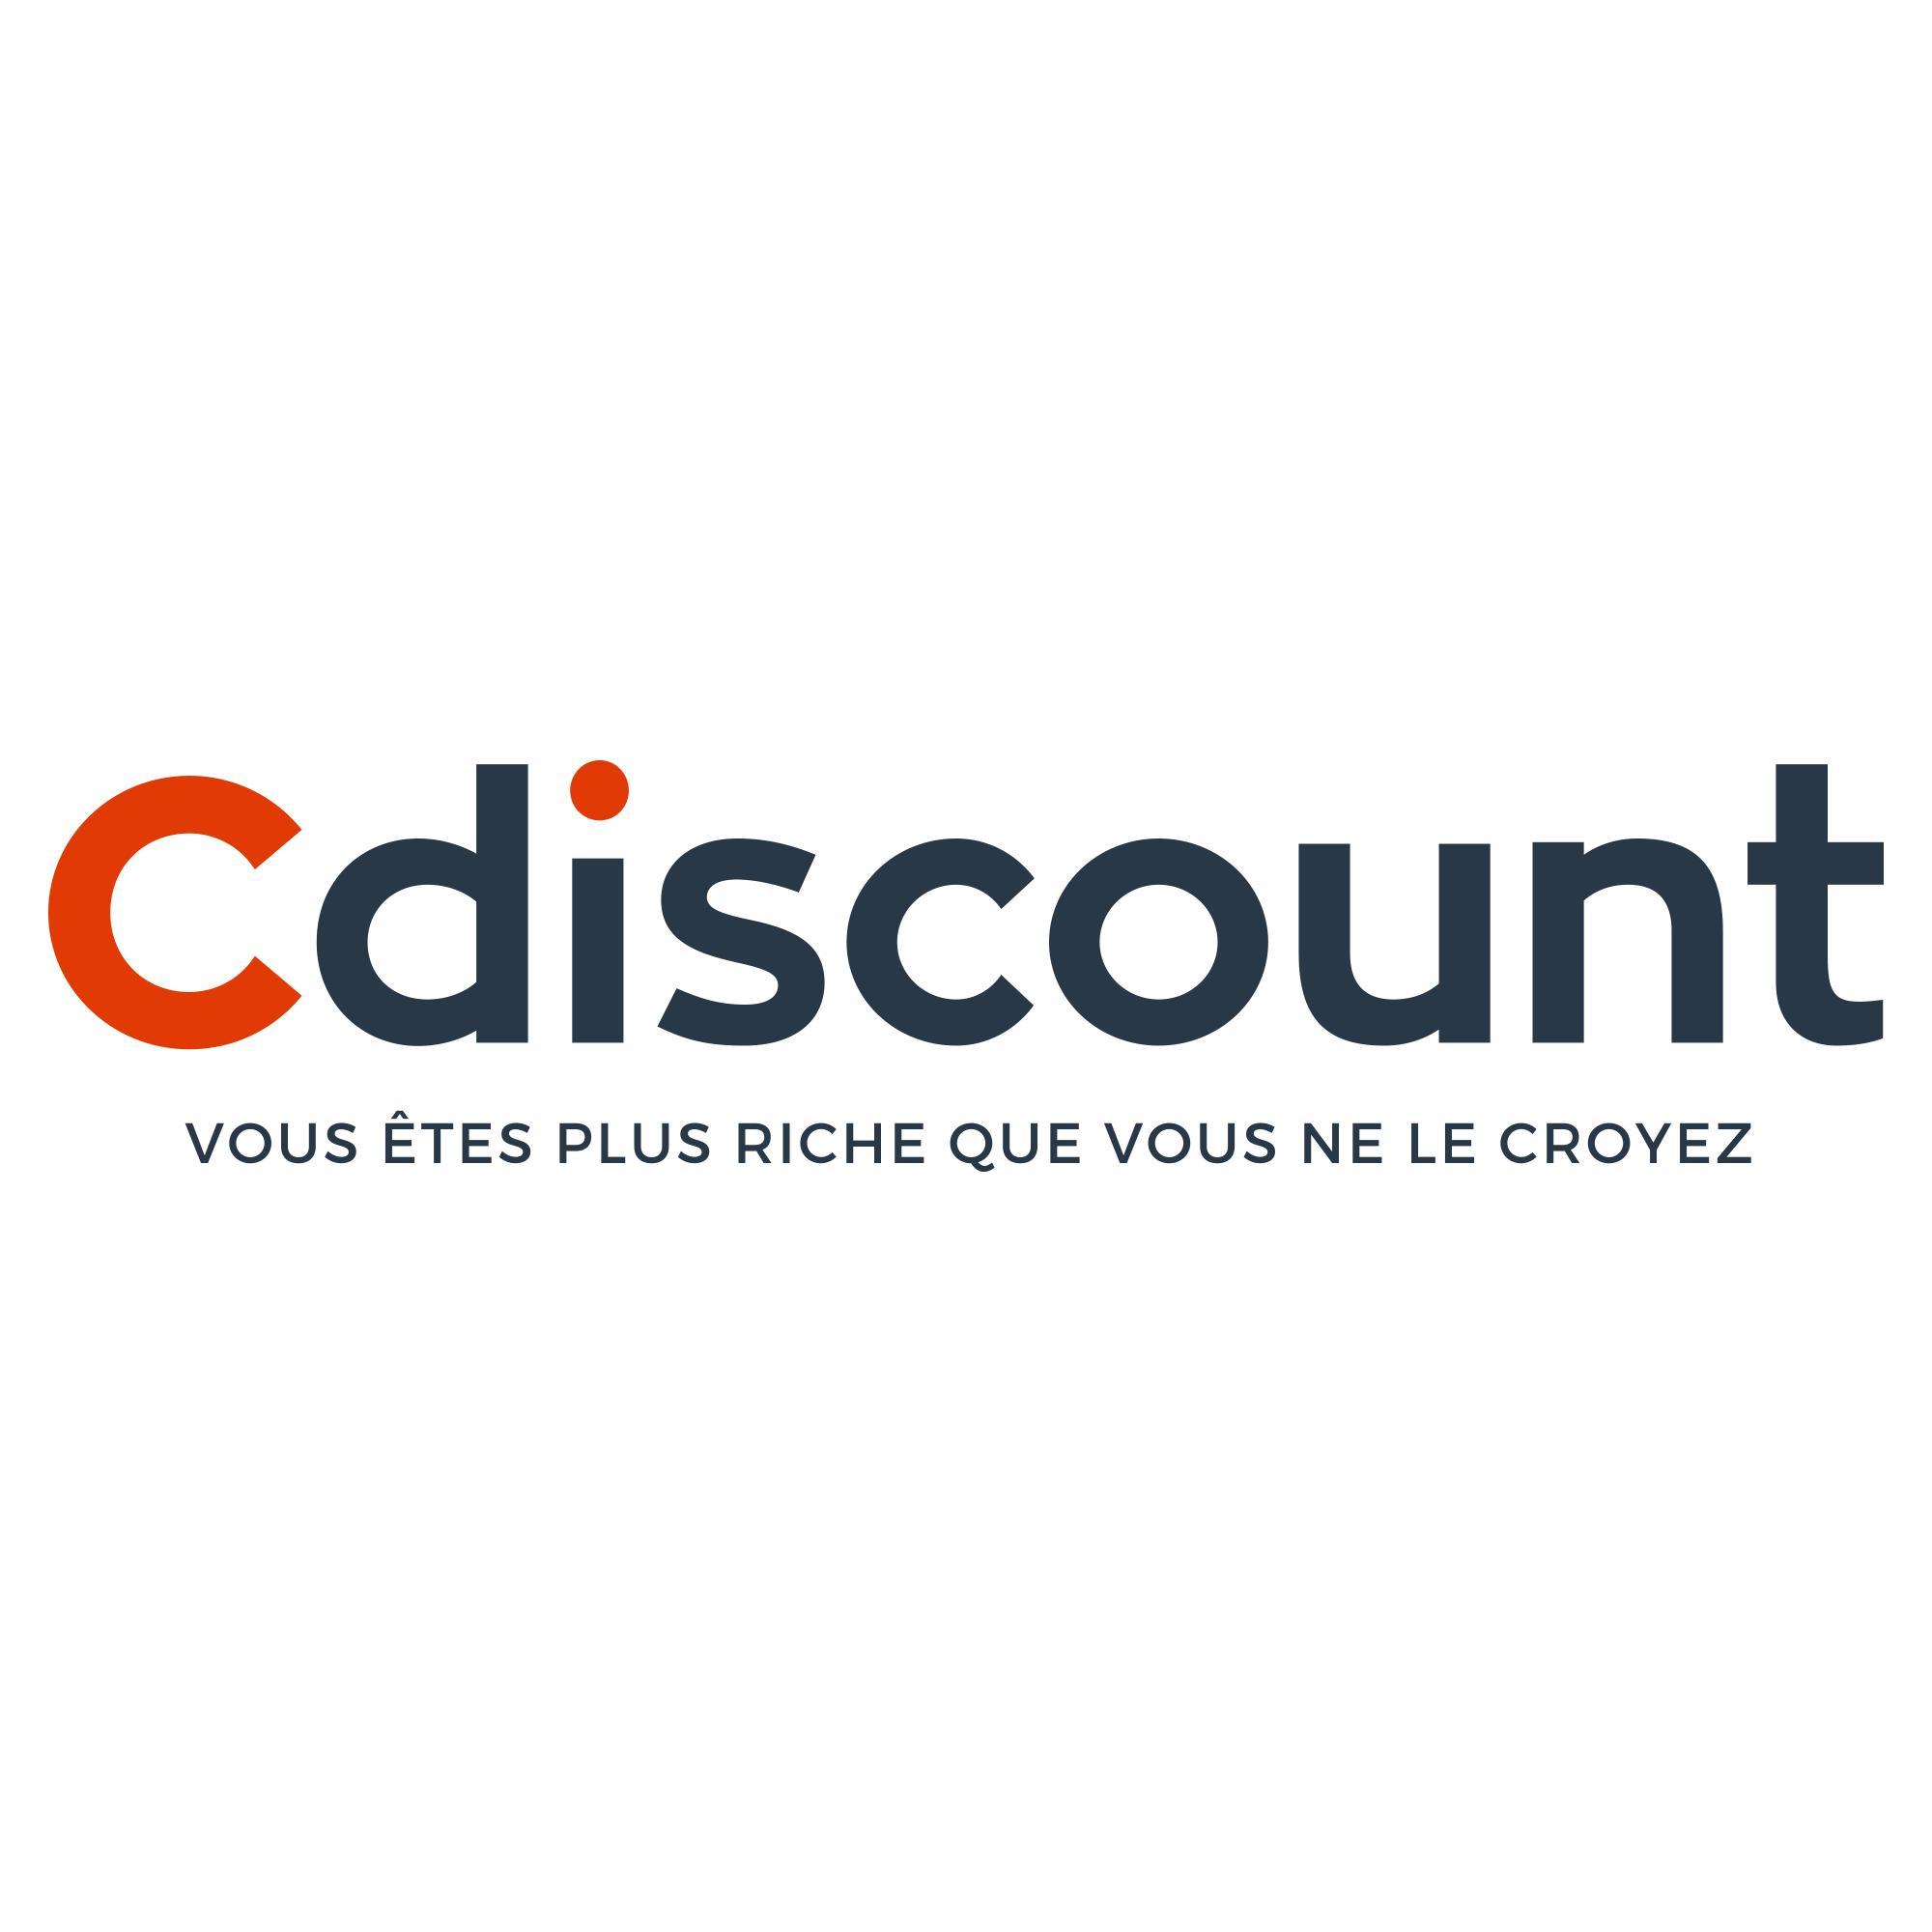 10€ de réduction dès 99€ d'achat / 25€ dès 199€ pour les membres Cdiscount à volonté et 10€ dès 149€ / 25€ dès 299€ pour tous